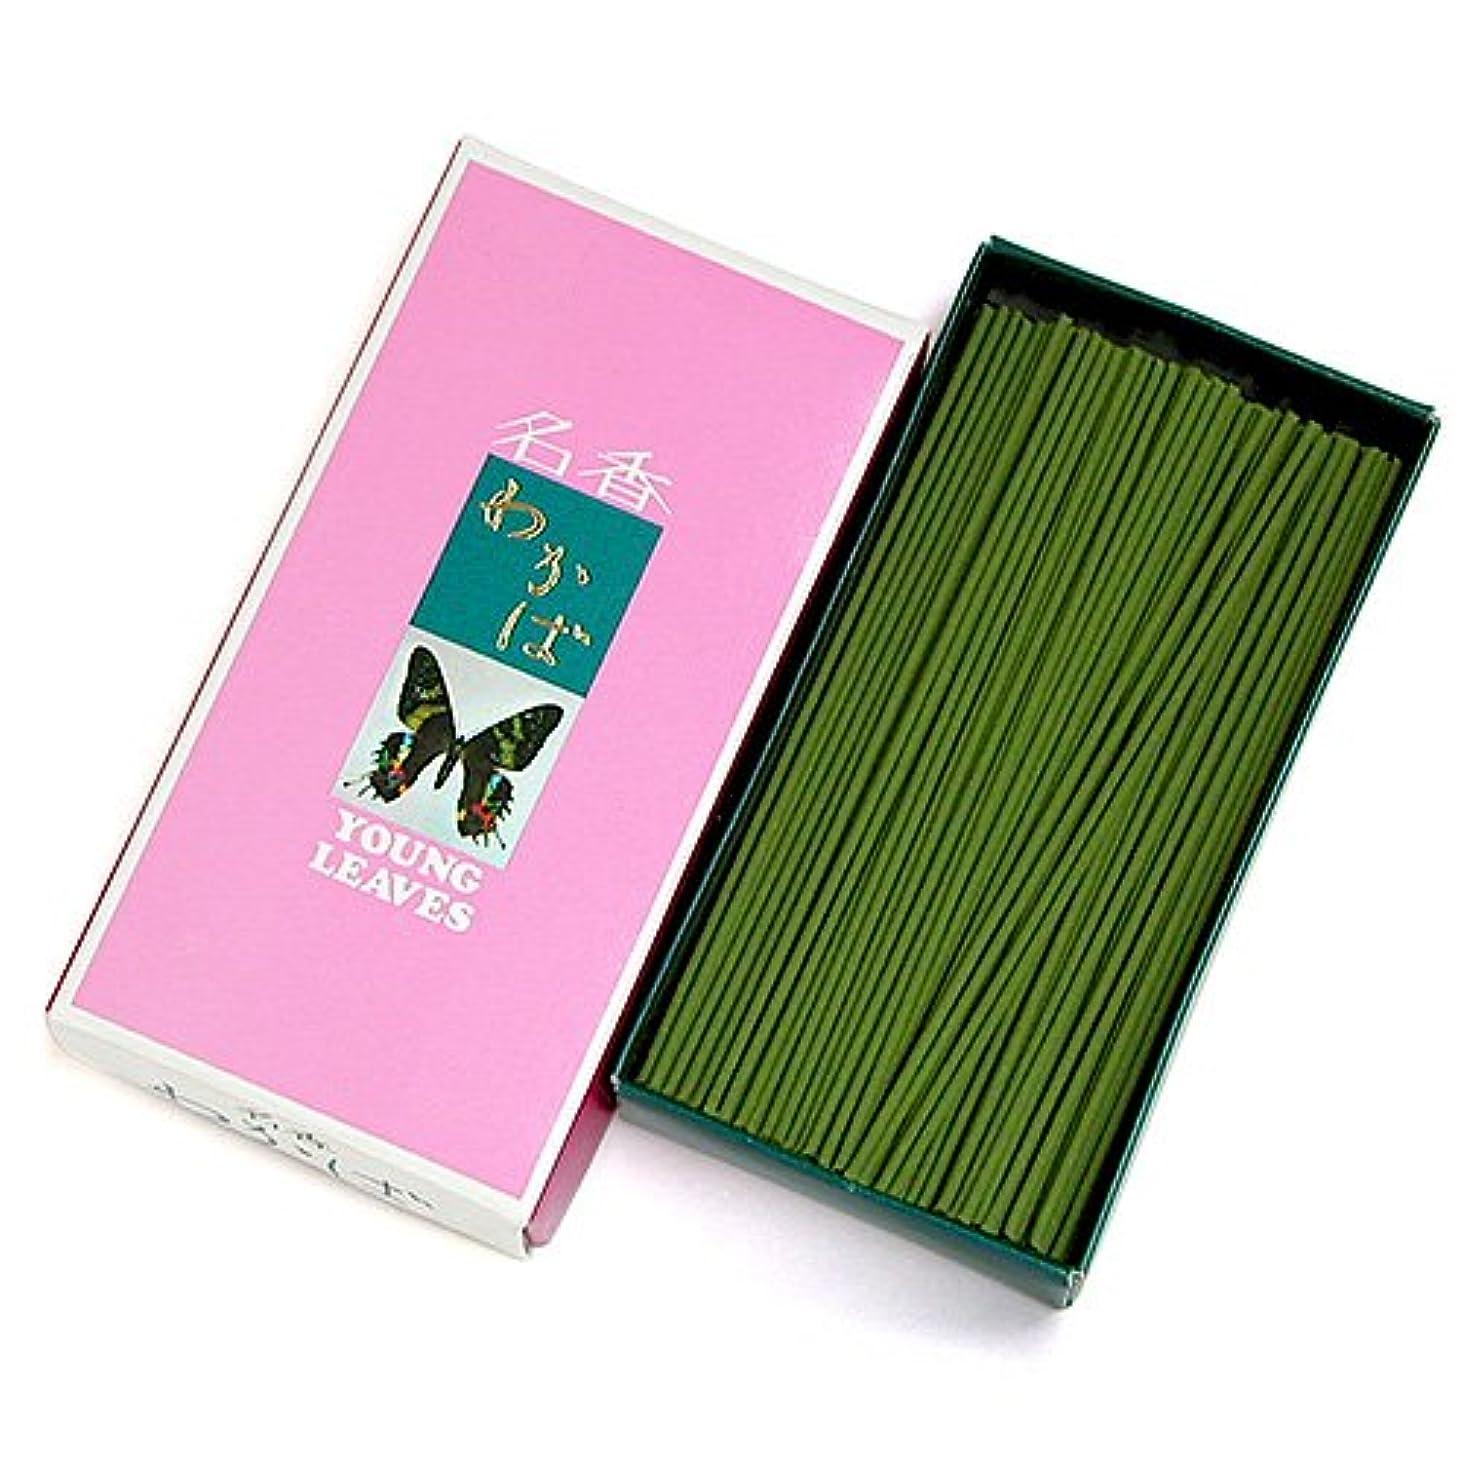 憂鬱な人里離れたを通して家庭用線香 わかば(箱寸法16×8.5×3.5cm)◆香木と調和した香水の香りのお線香(大発)